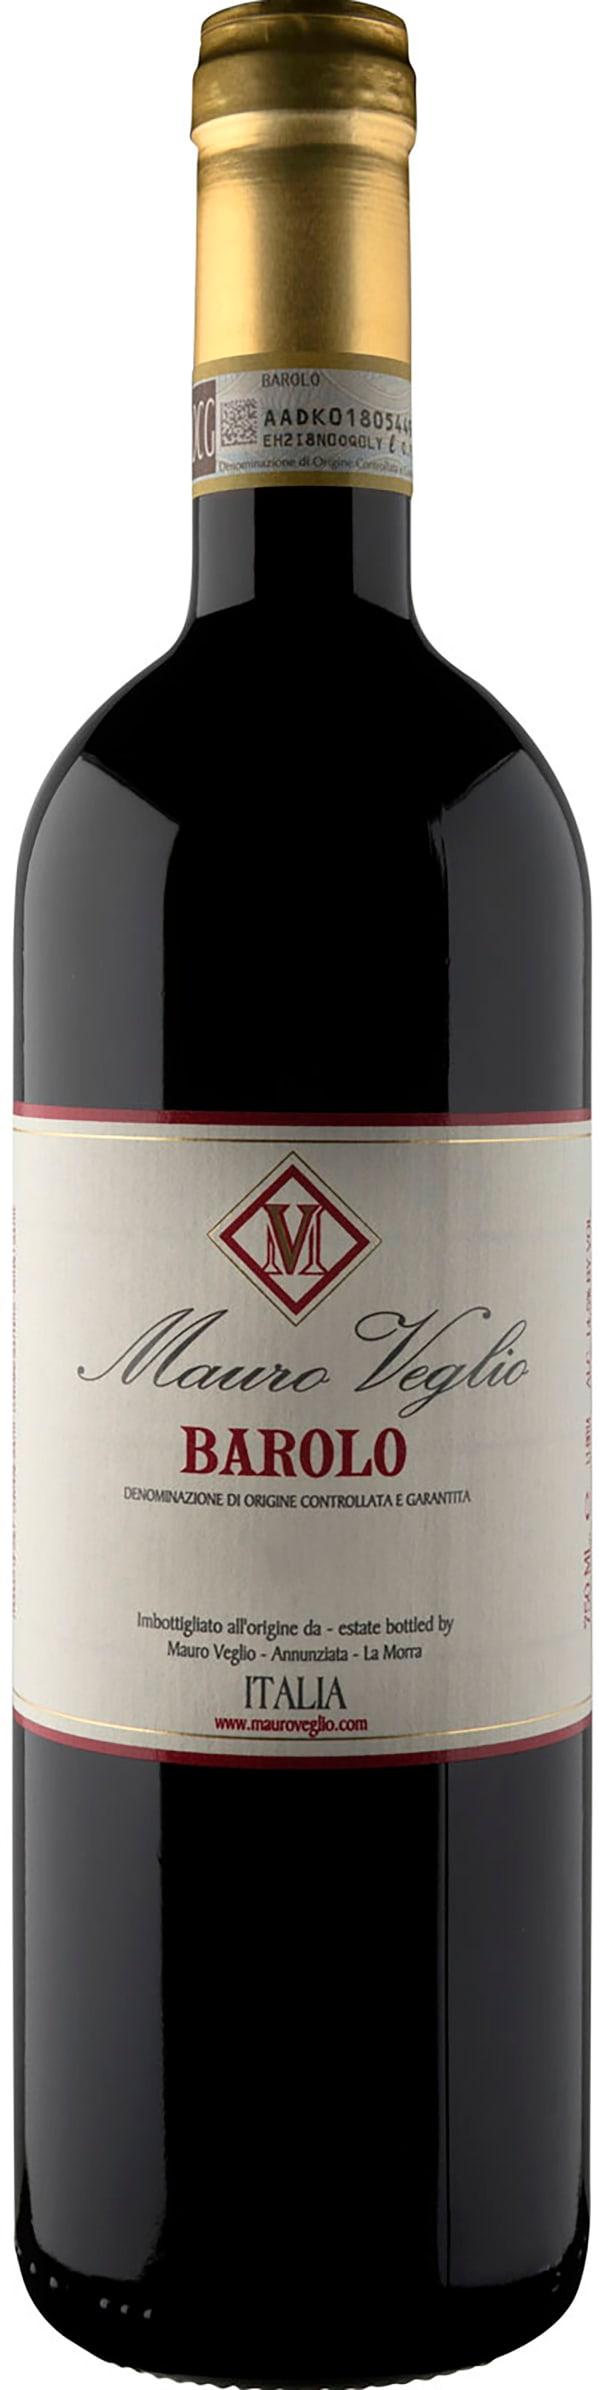 Mauro Veglio Barolo 2015